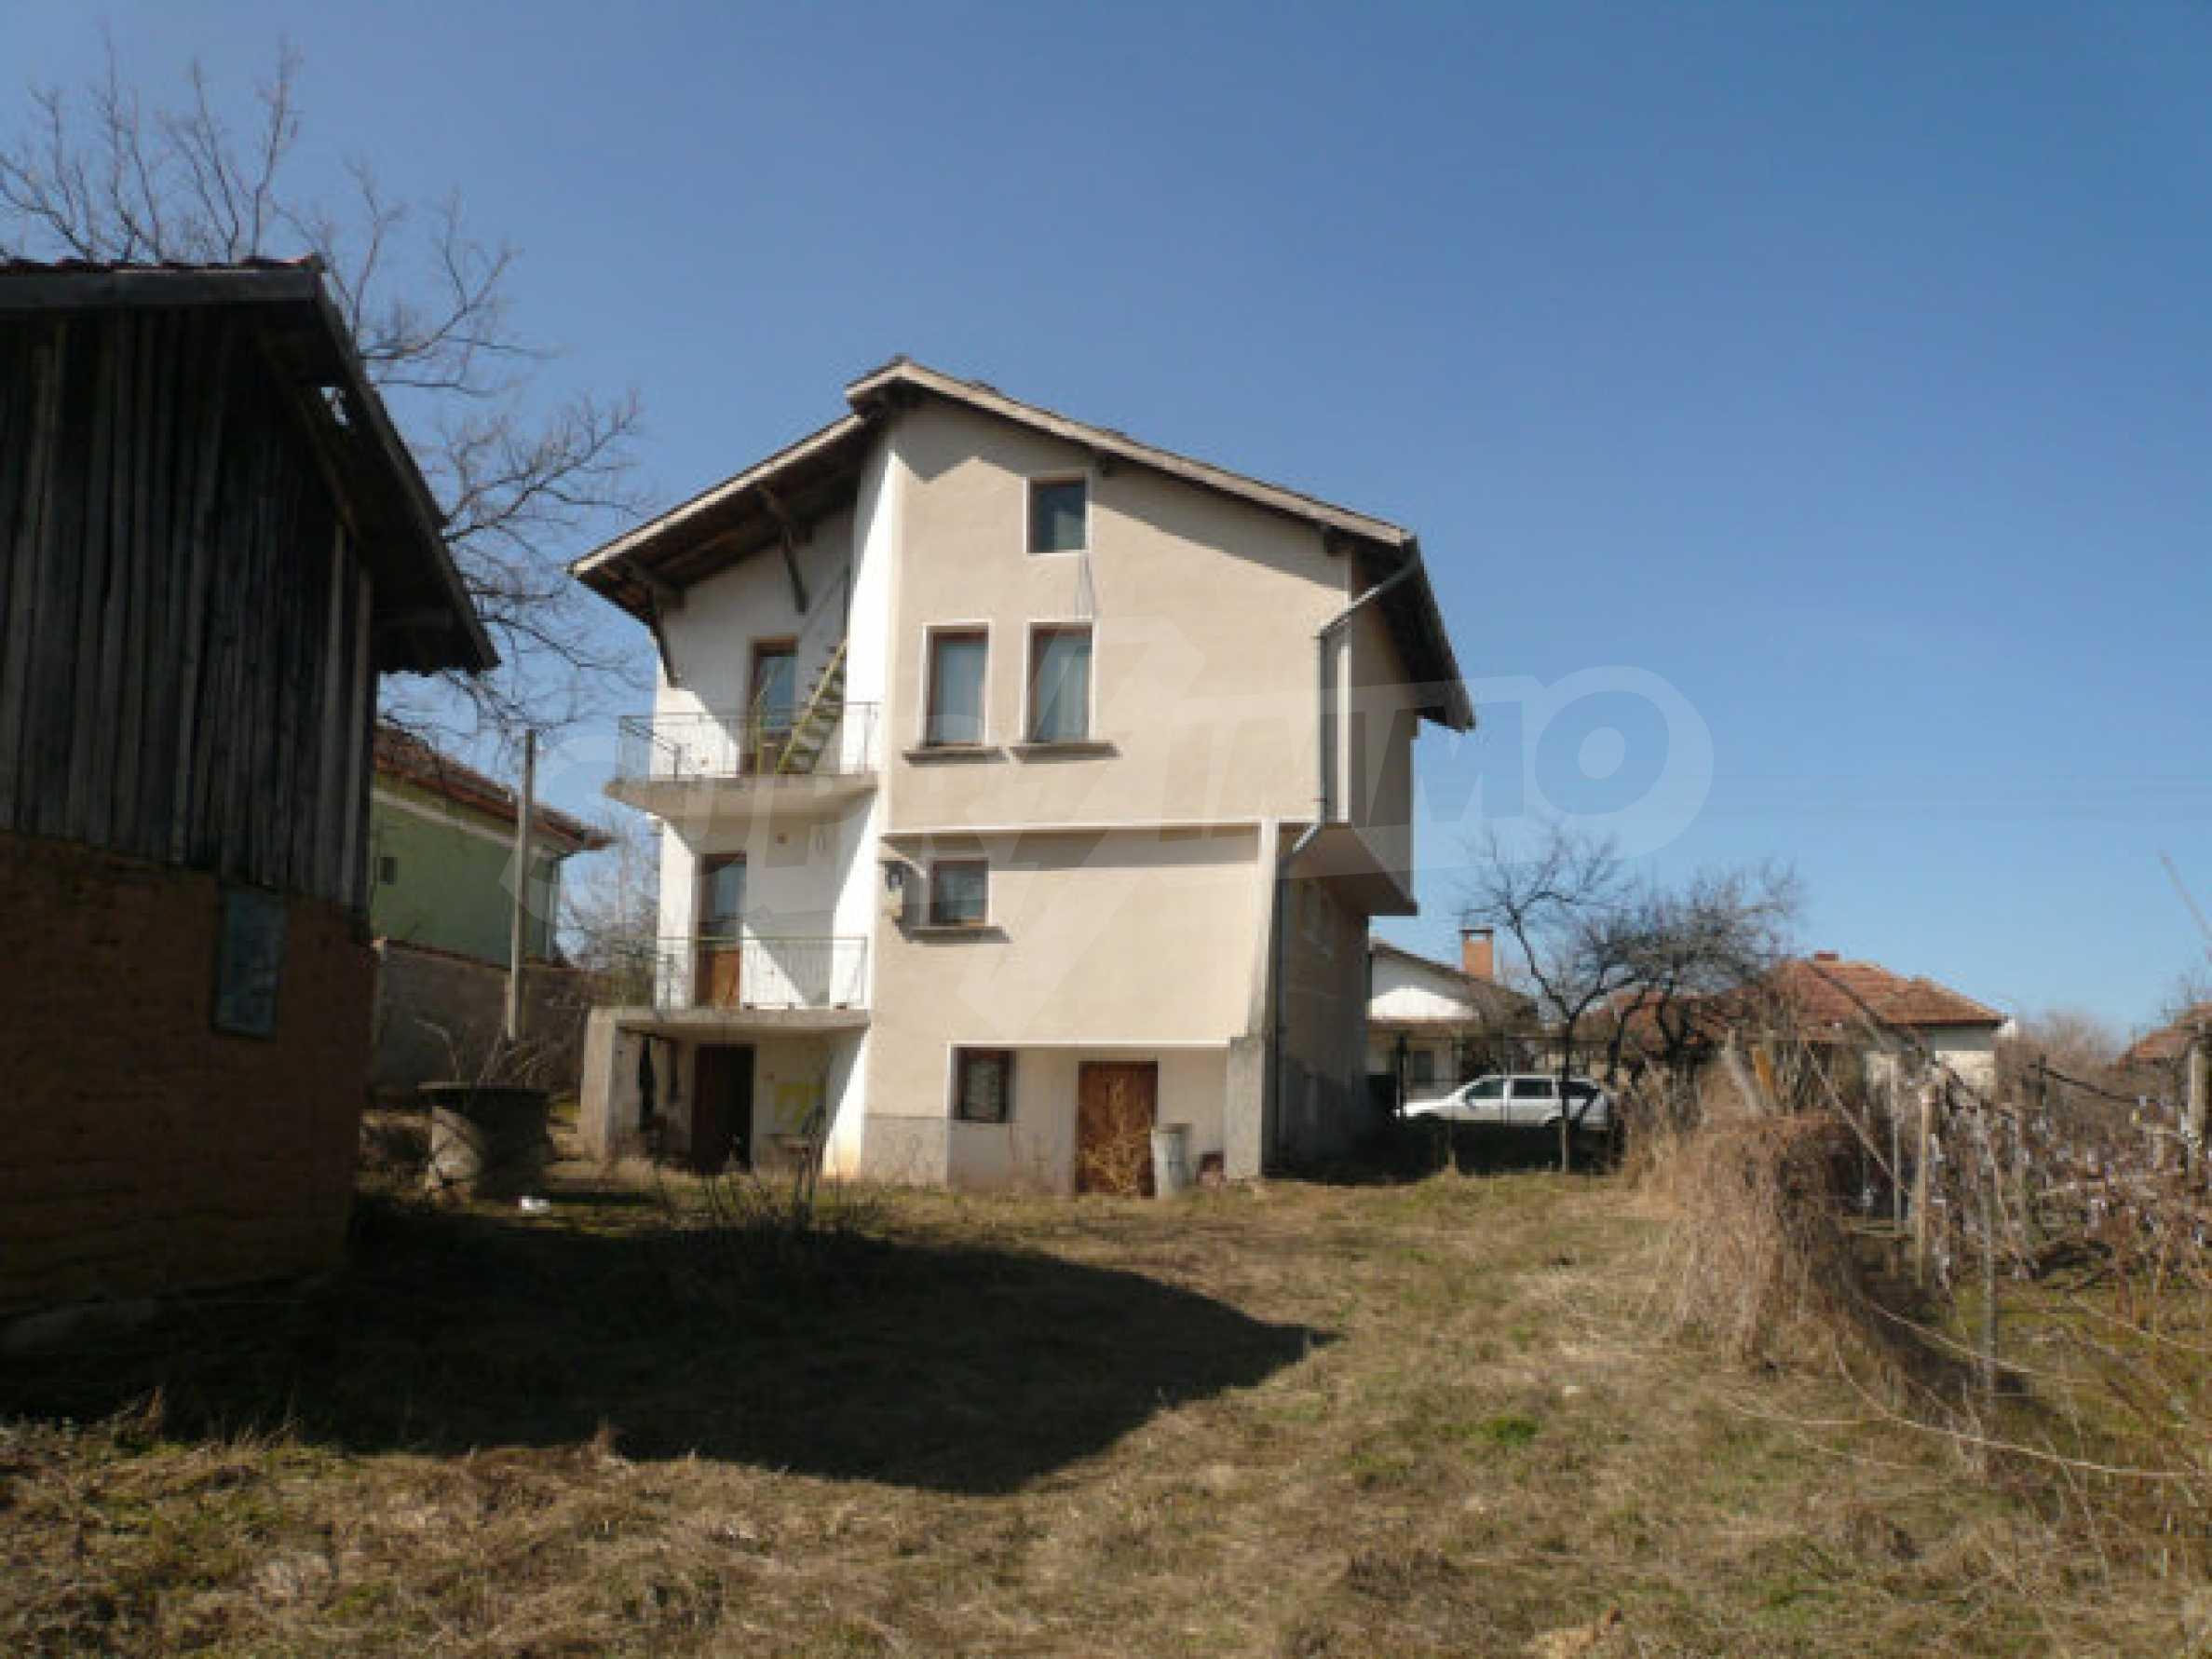 Zweistöckiges Haus in der Nähe von Belogradchik 27